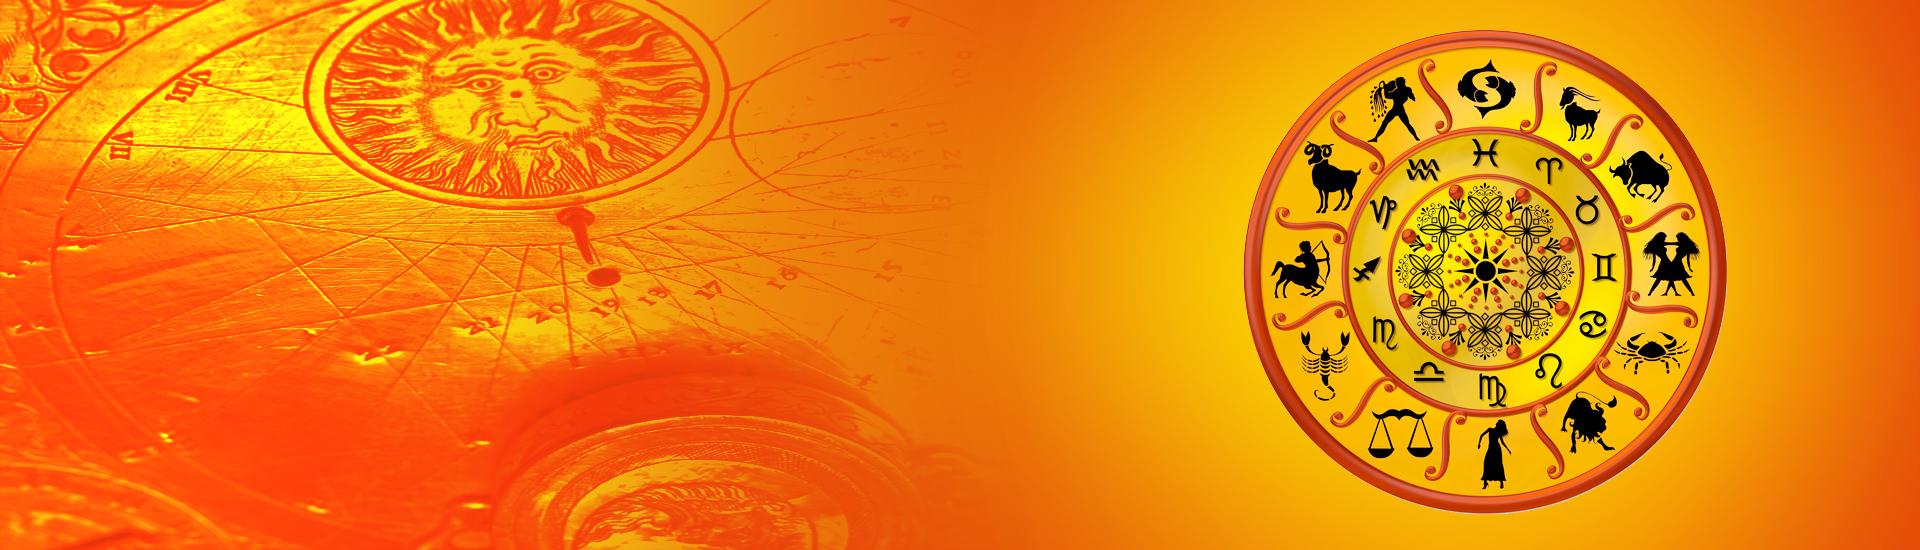 Raj Vinayak Astrologer - logo